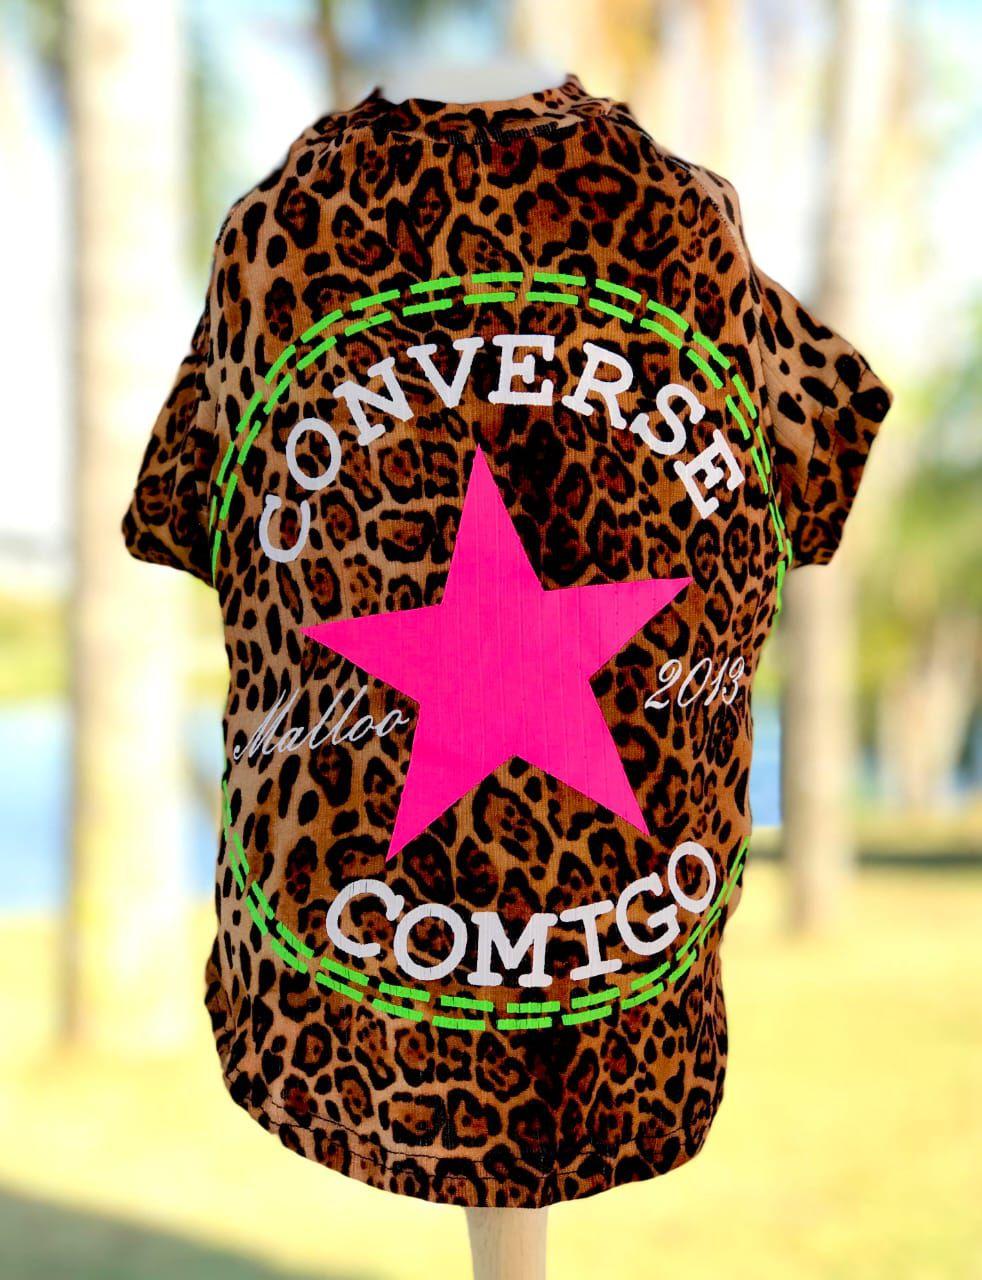 Camiseta Converse Comigo Oncinha